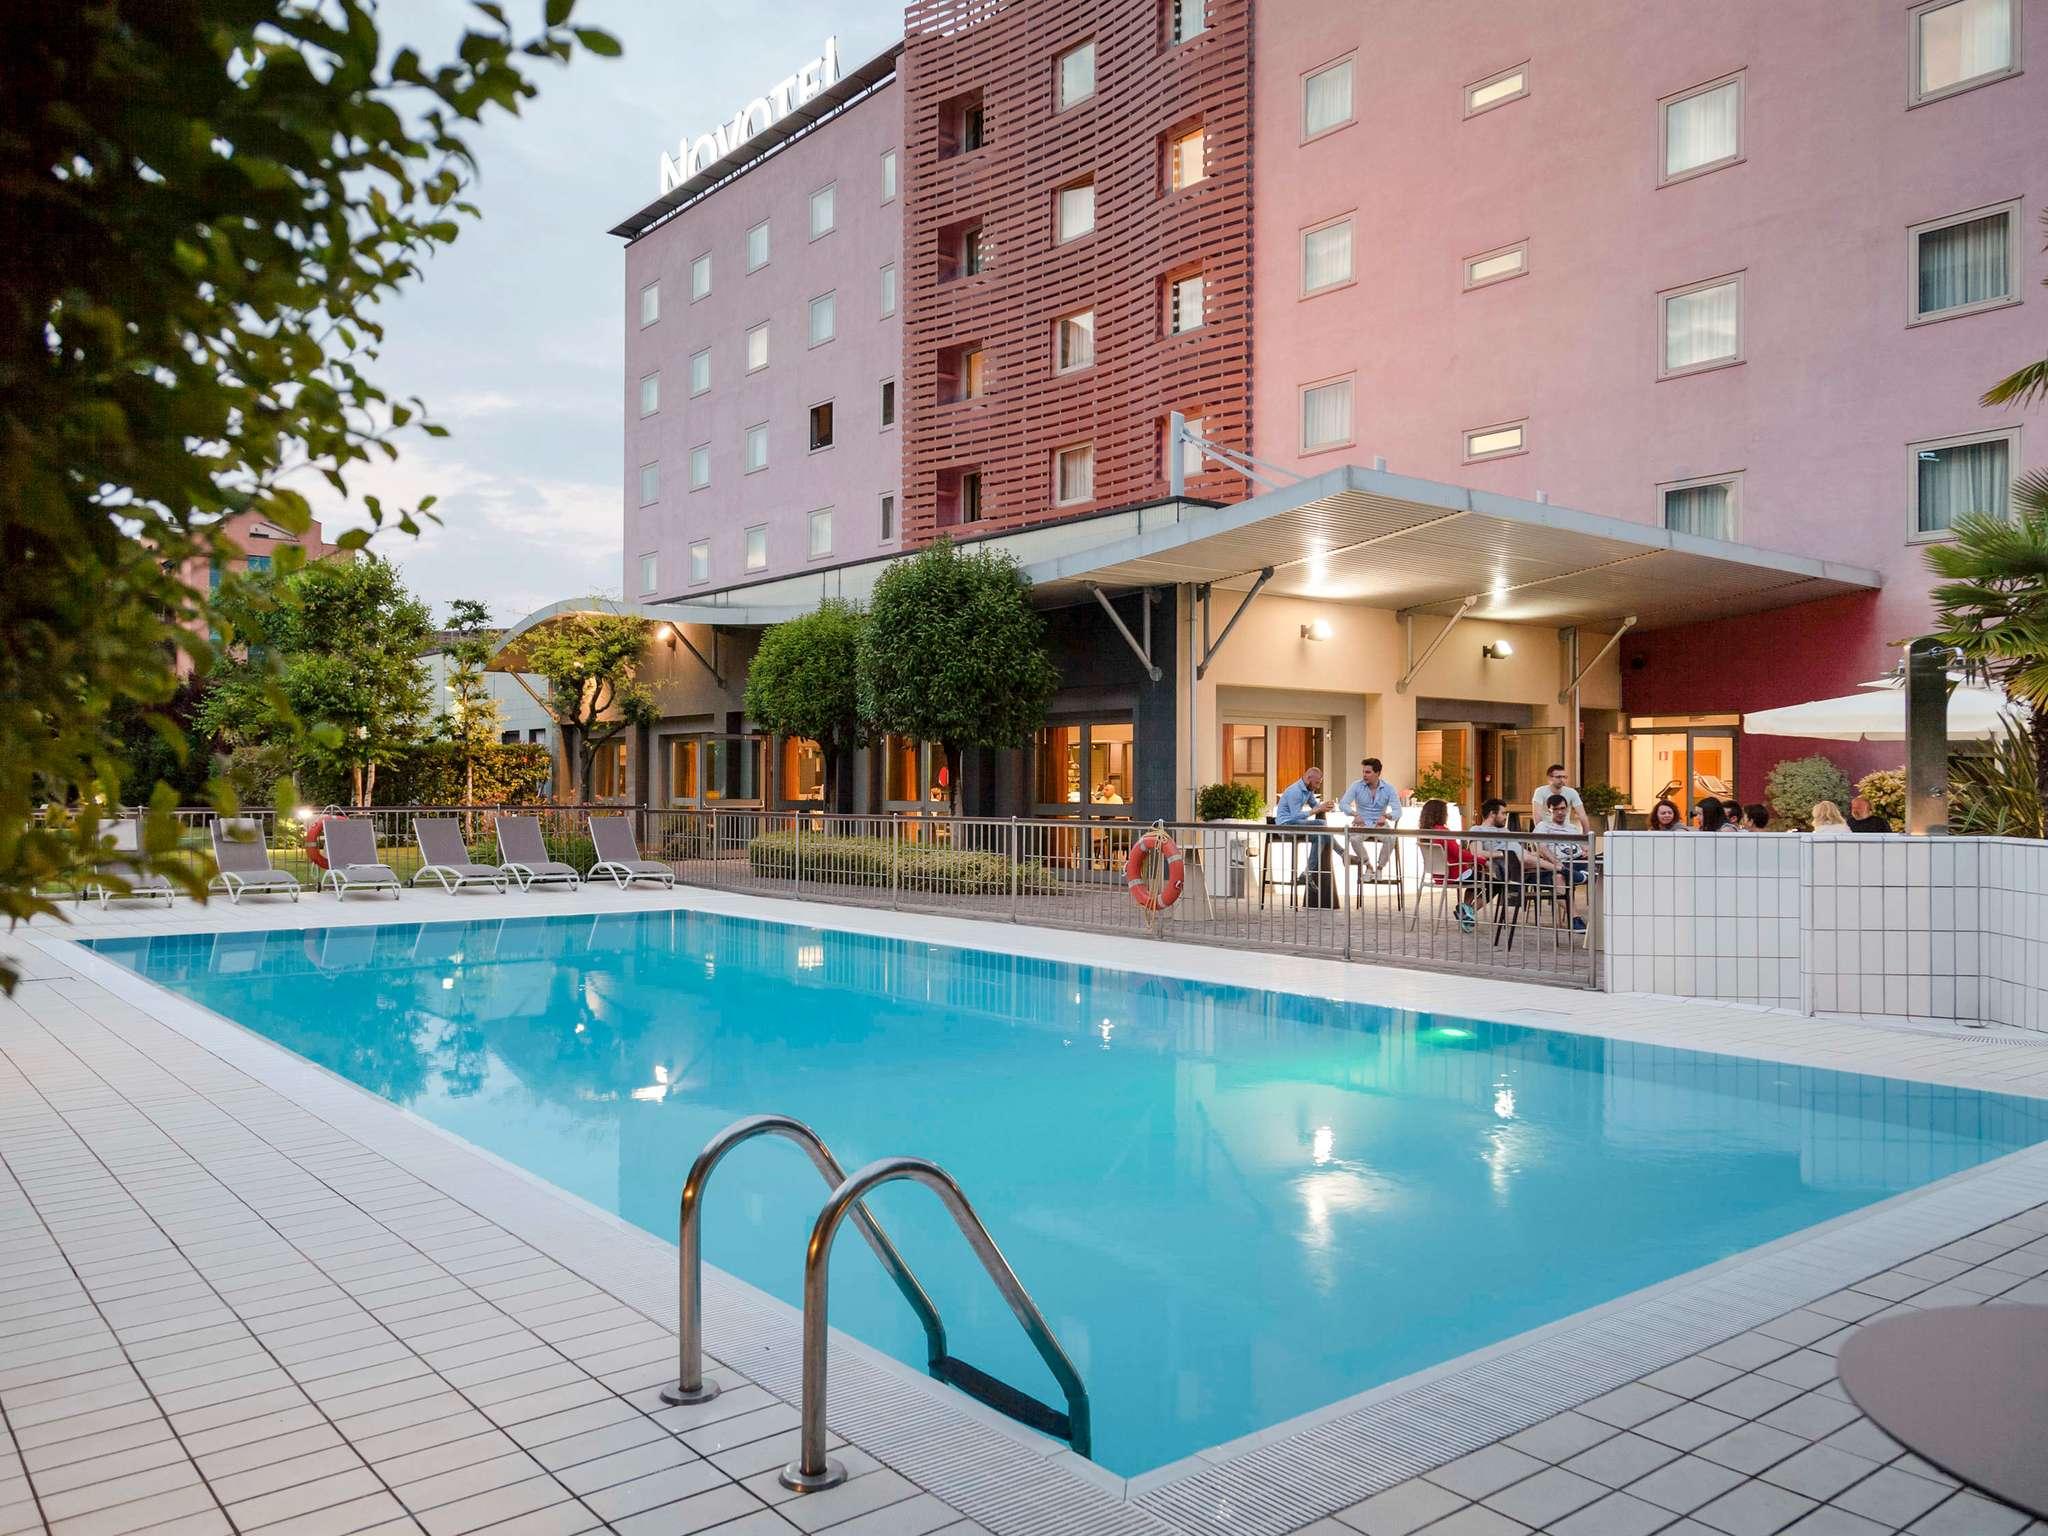 Hotel – Novotel Brescia 2